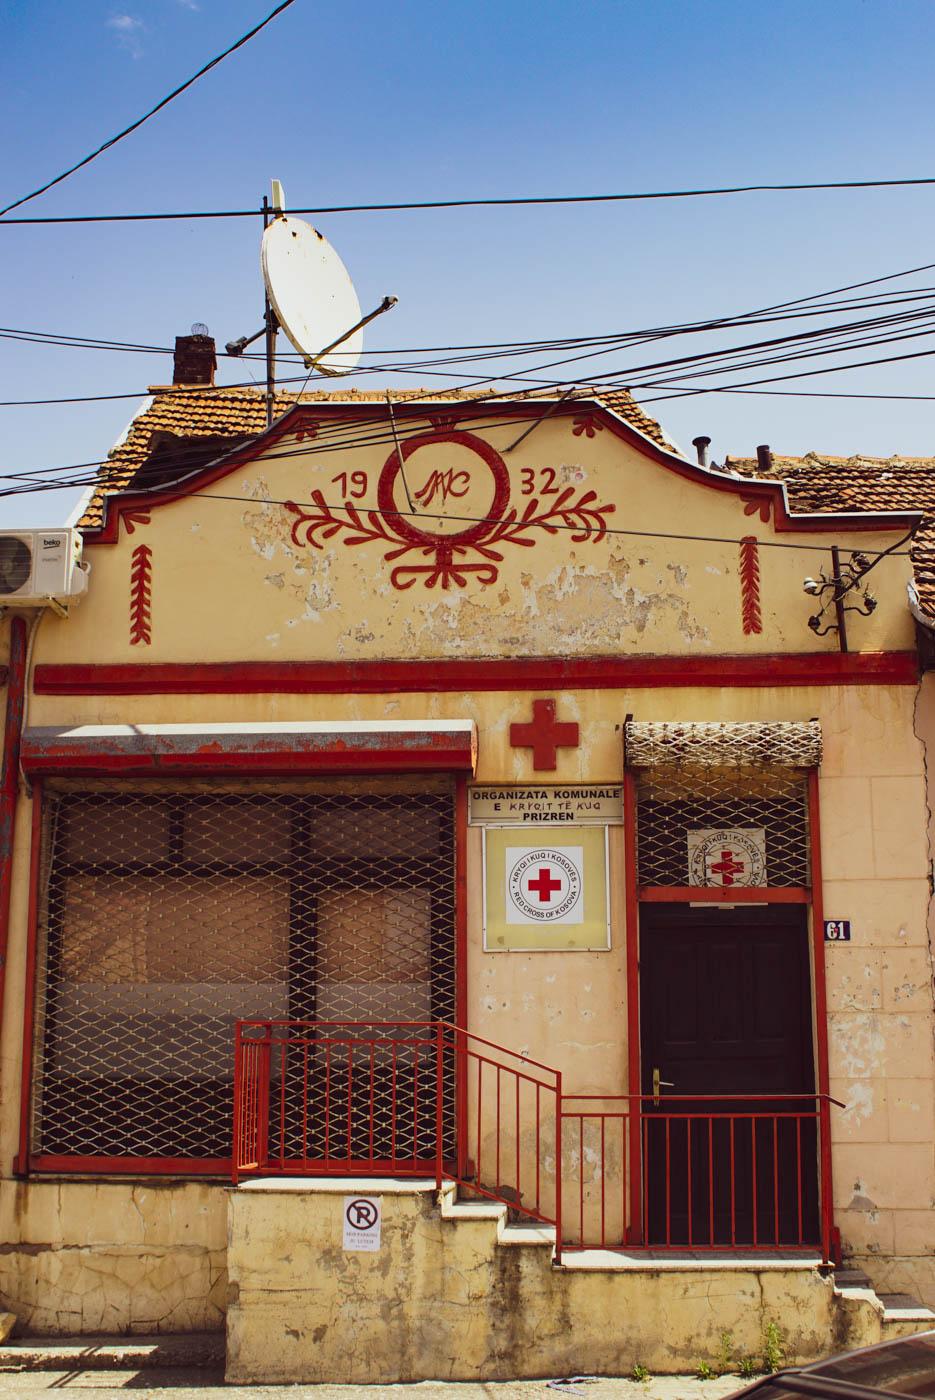 Ein altes Haus von 1932 mit Roten Kreuz Schild und roten Fenster Türrahmen und Treppengeländer